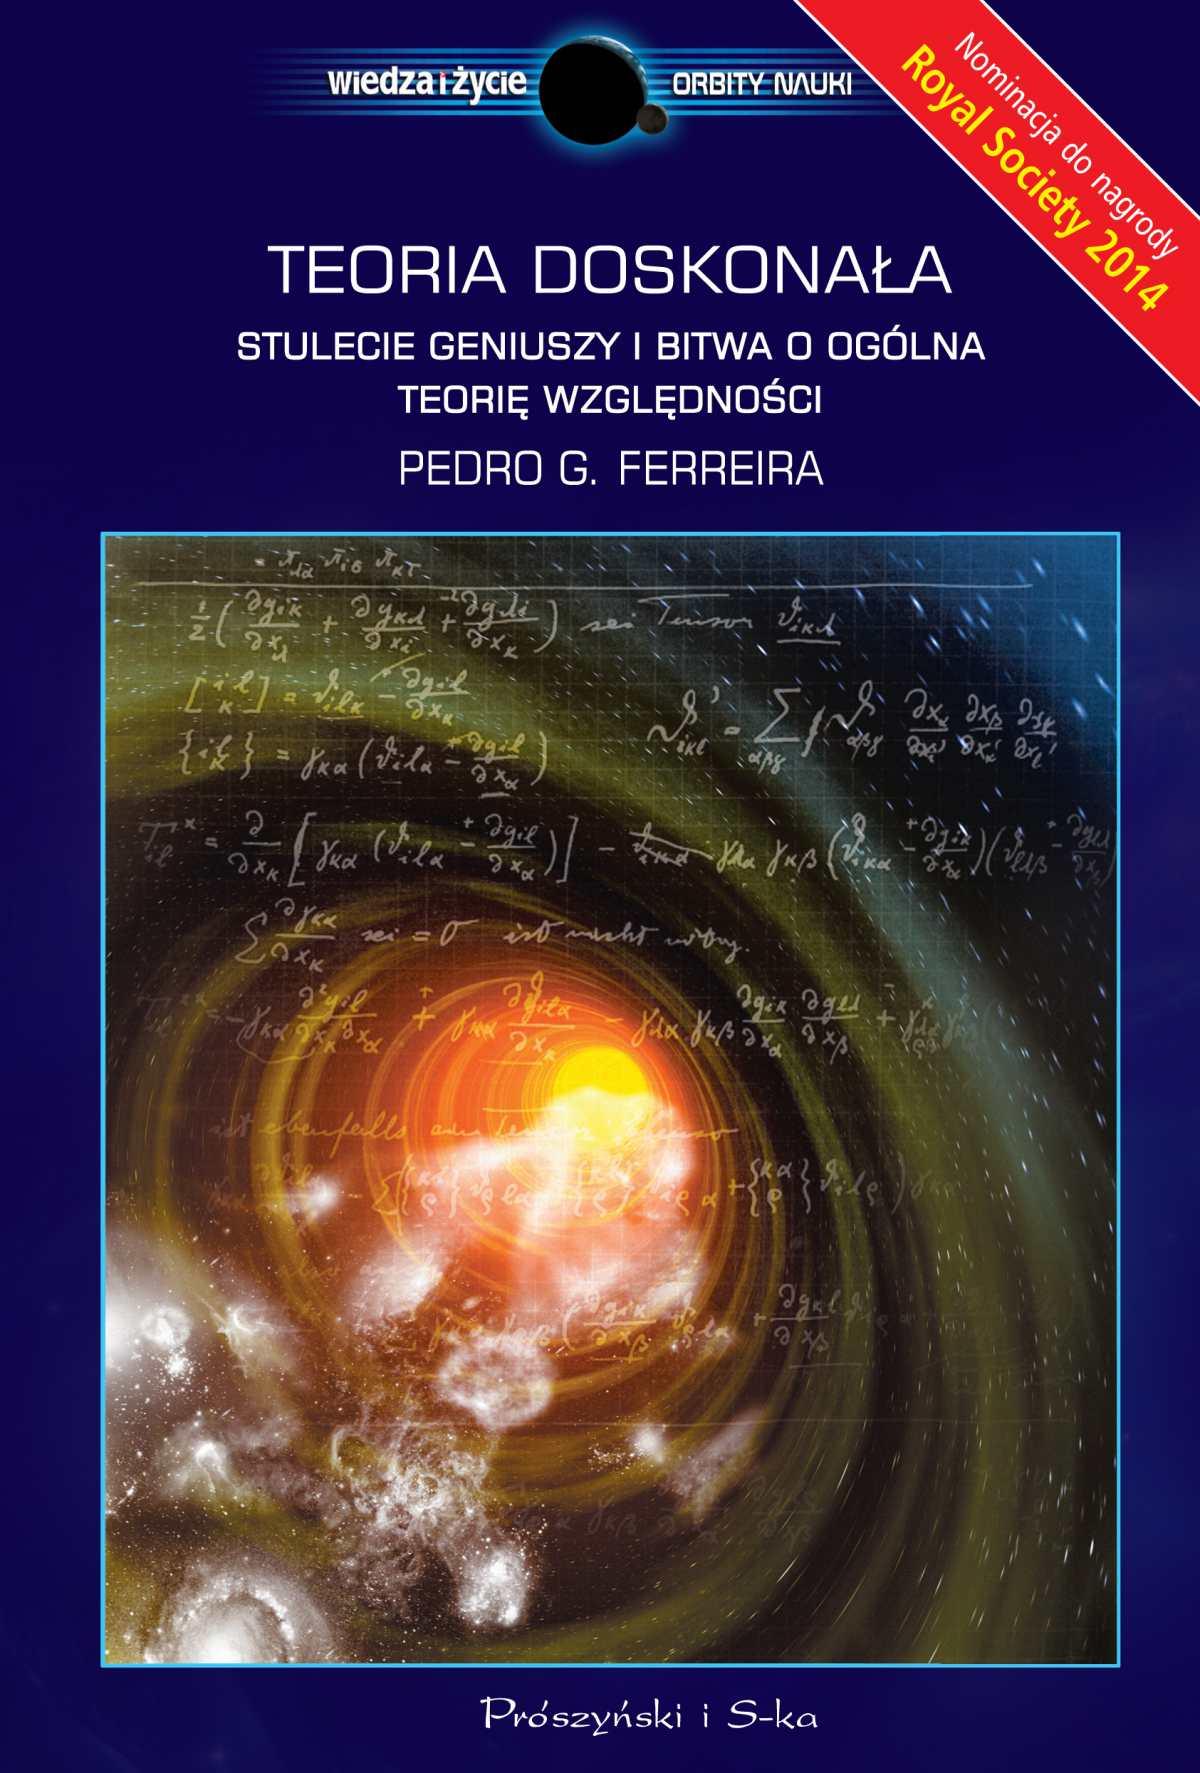 Teoria doskonała. Stulecie geniuszy i bitwa o ogólną teorię względności - Ebook (Książka na Kindle) do pobrania w formacie MOBI